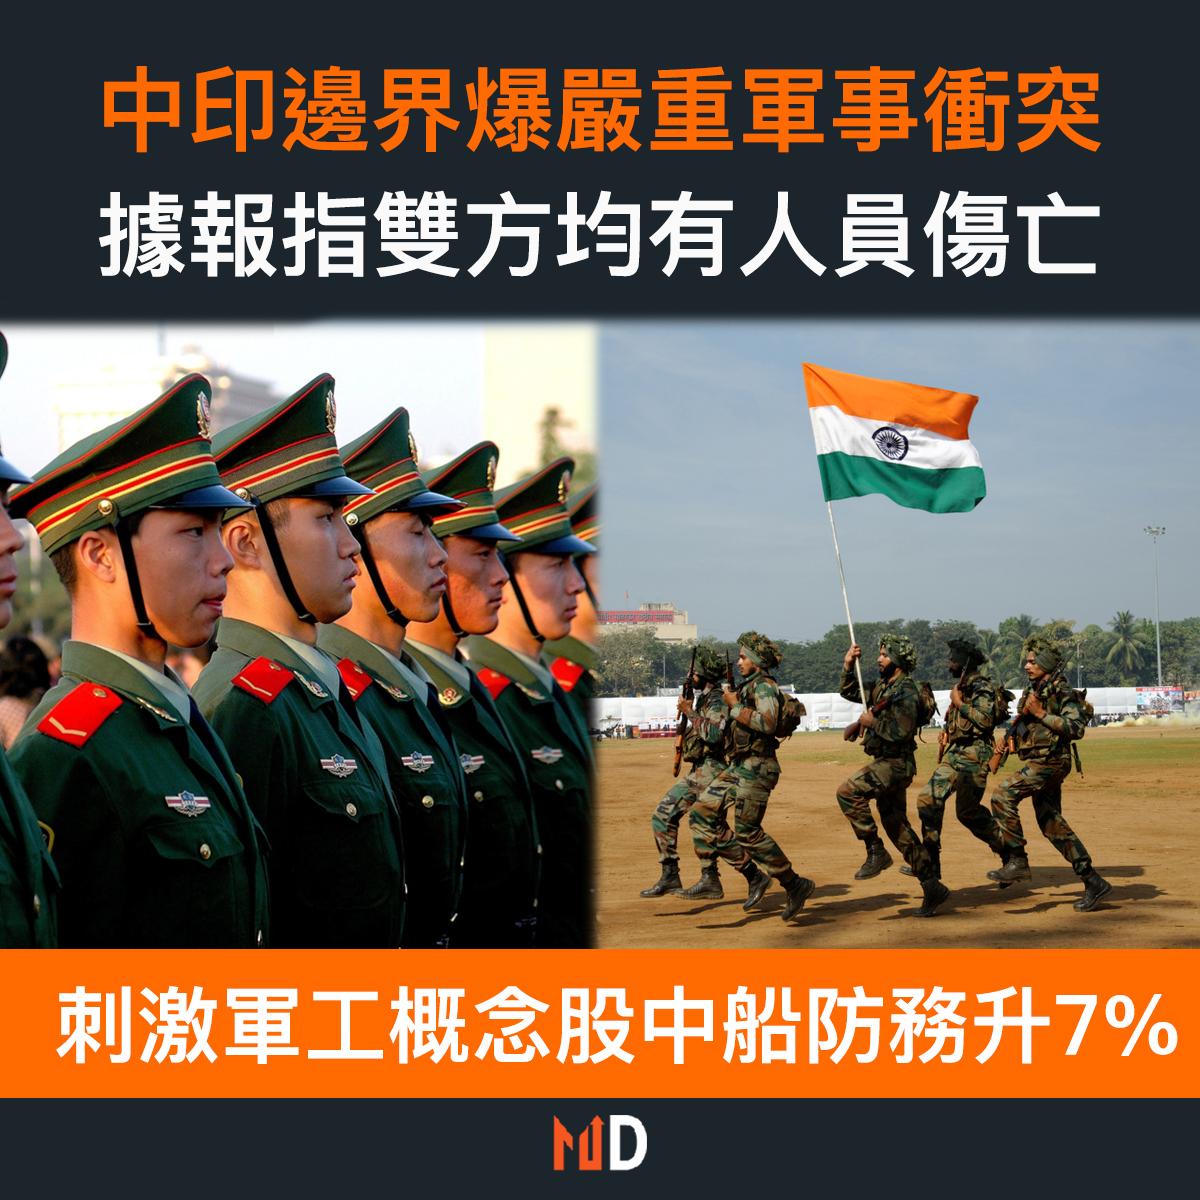 【市場熱話】中印邊界爆嚴重軍事衝突,據報雙方均有人員傷亡